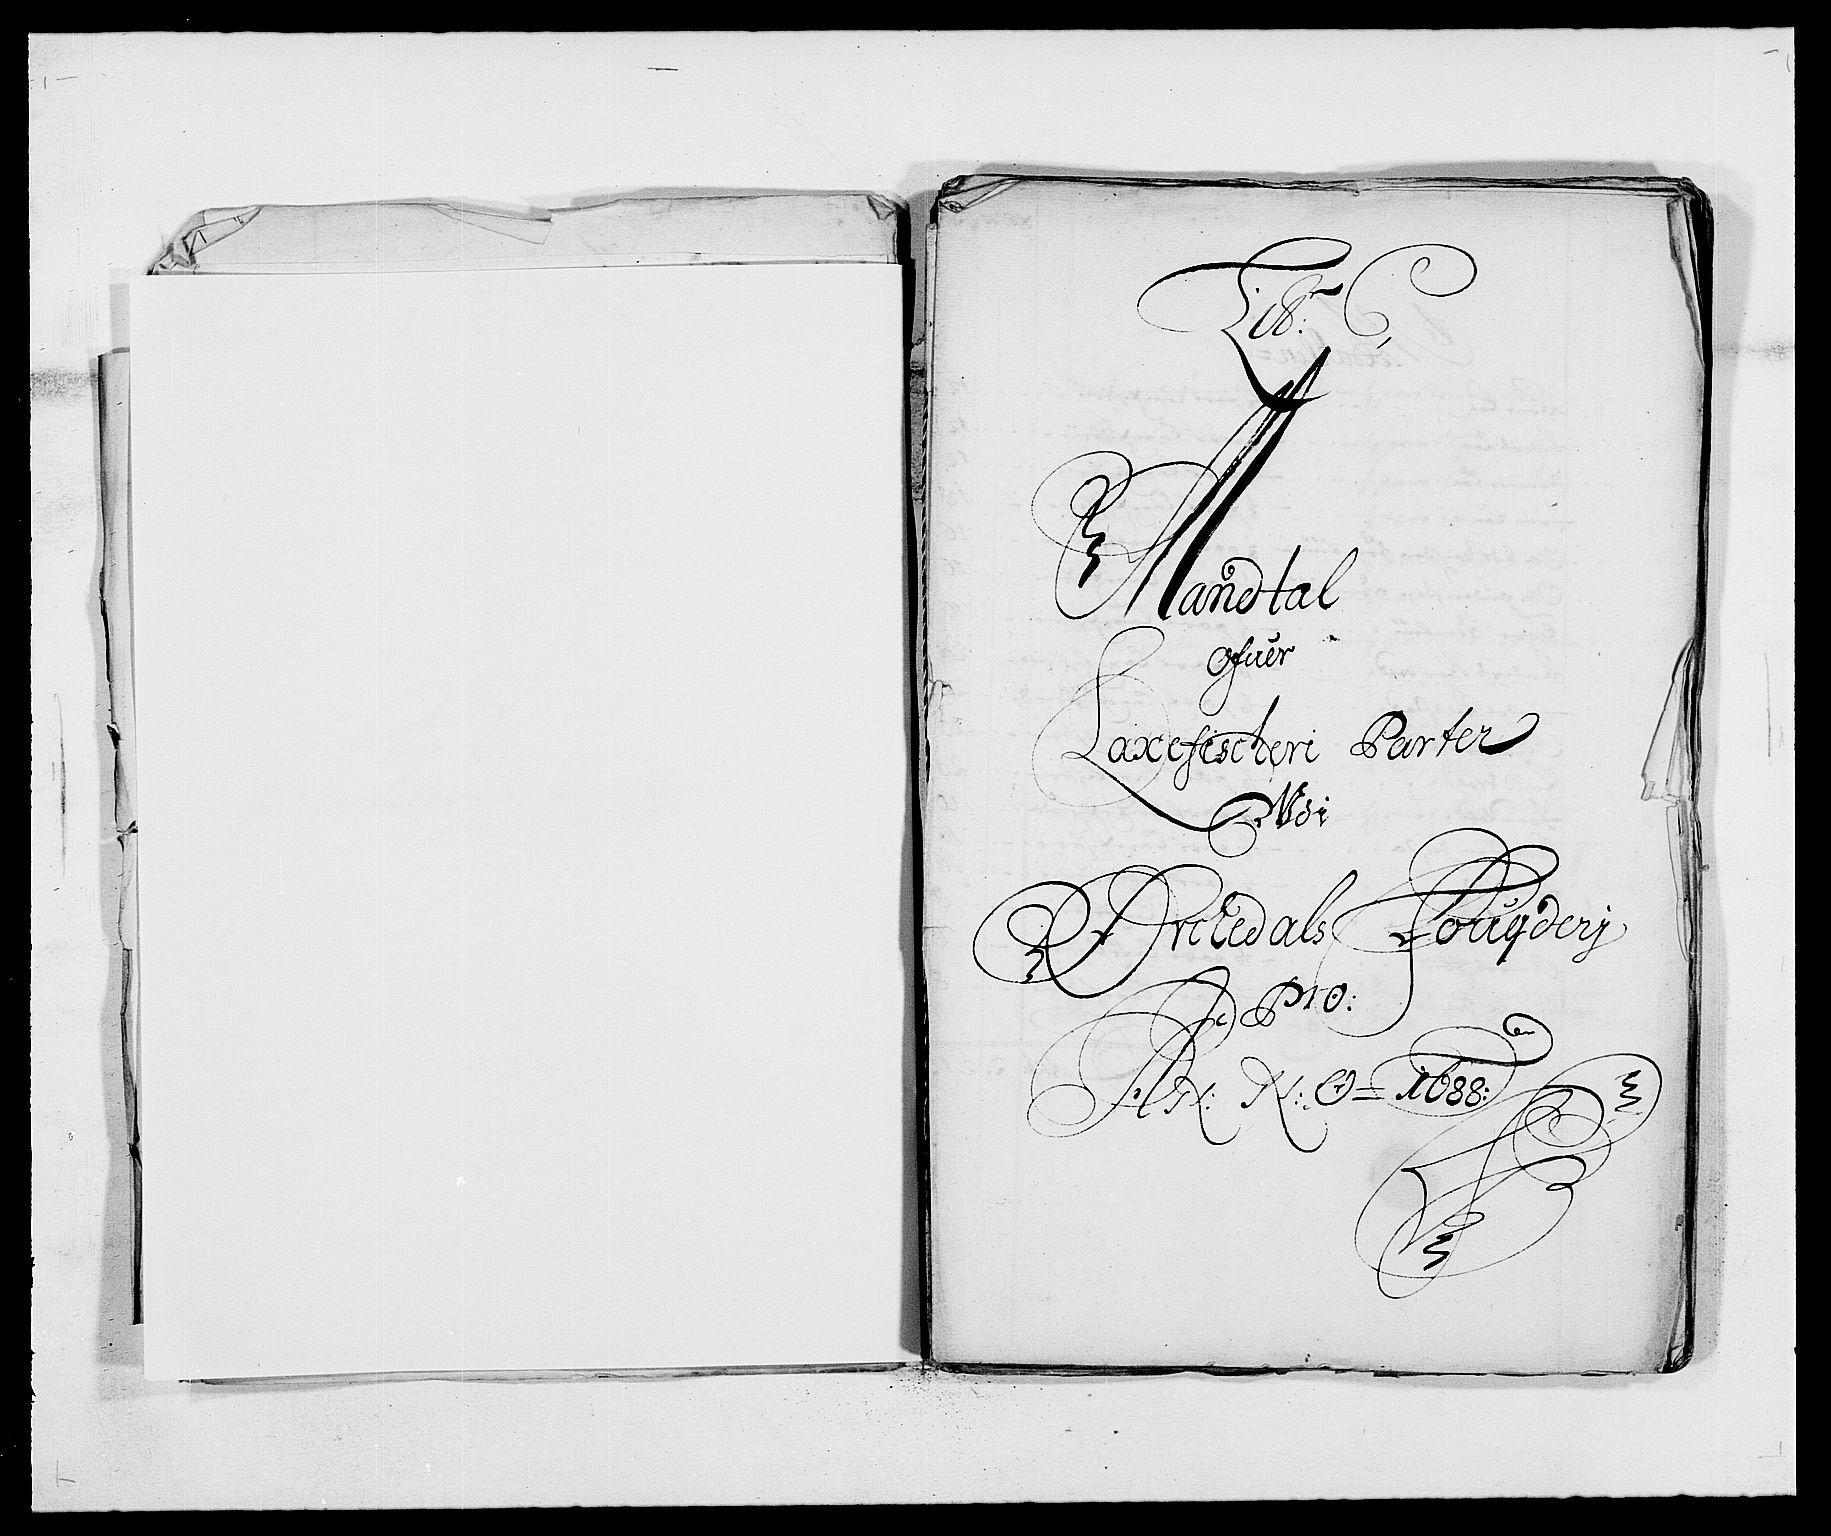 RA, Rentekammeret inntil 1814, Reviderte regnskaper, Fogderegnskap, R58/L3935: Fogderegnskap Orkdal, 1687-1688, s. 257